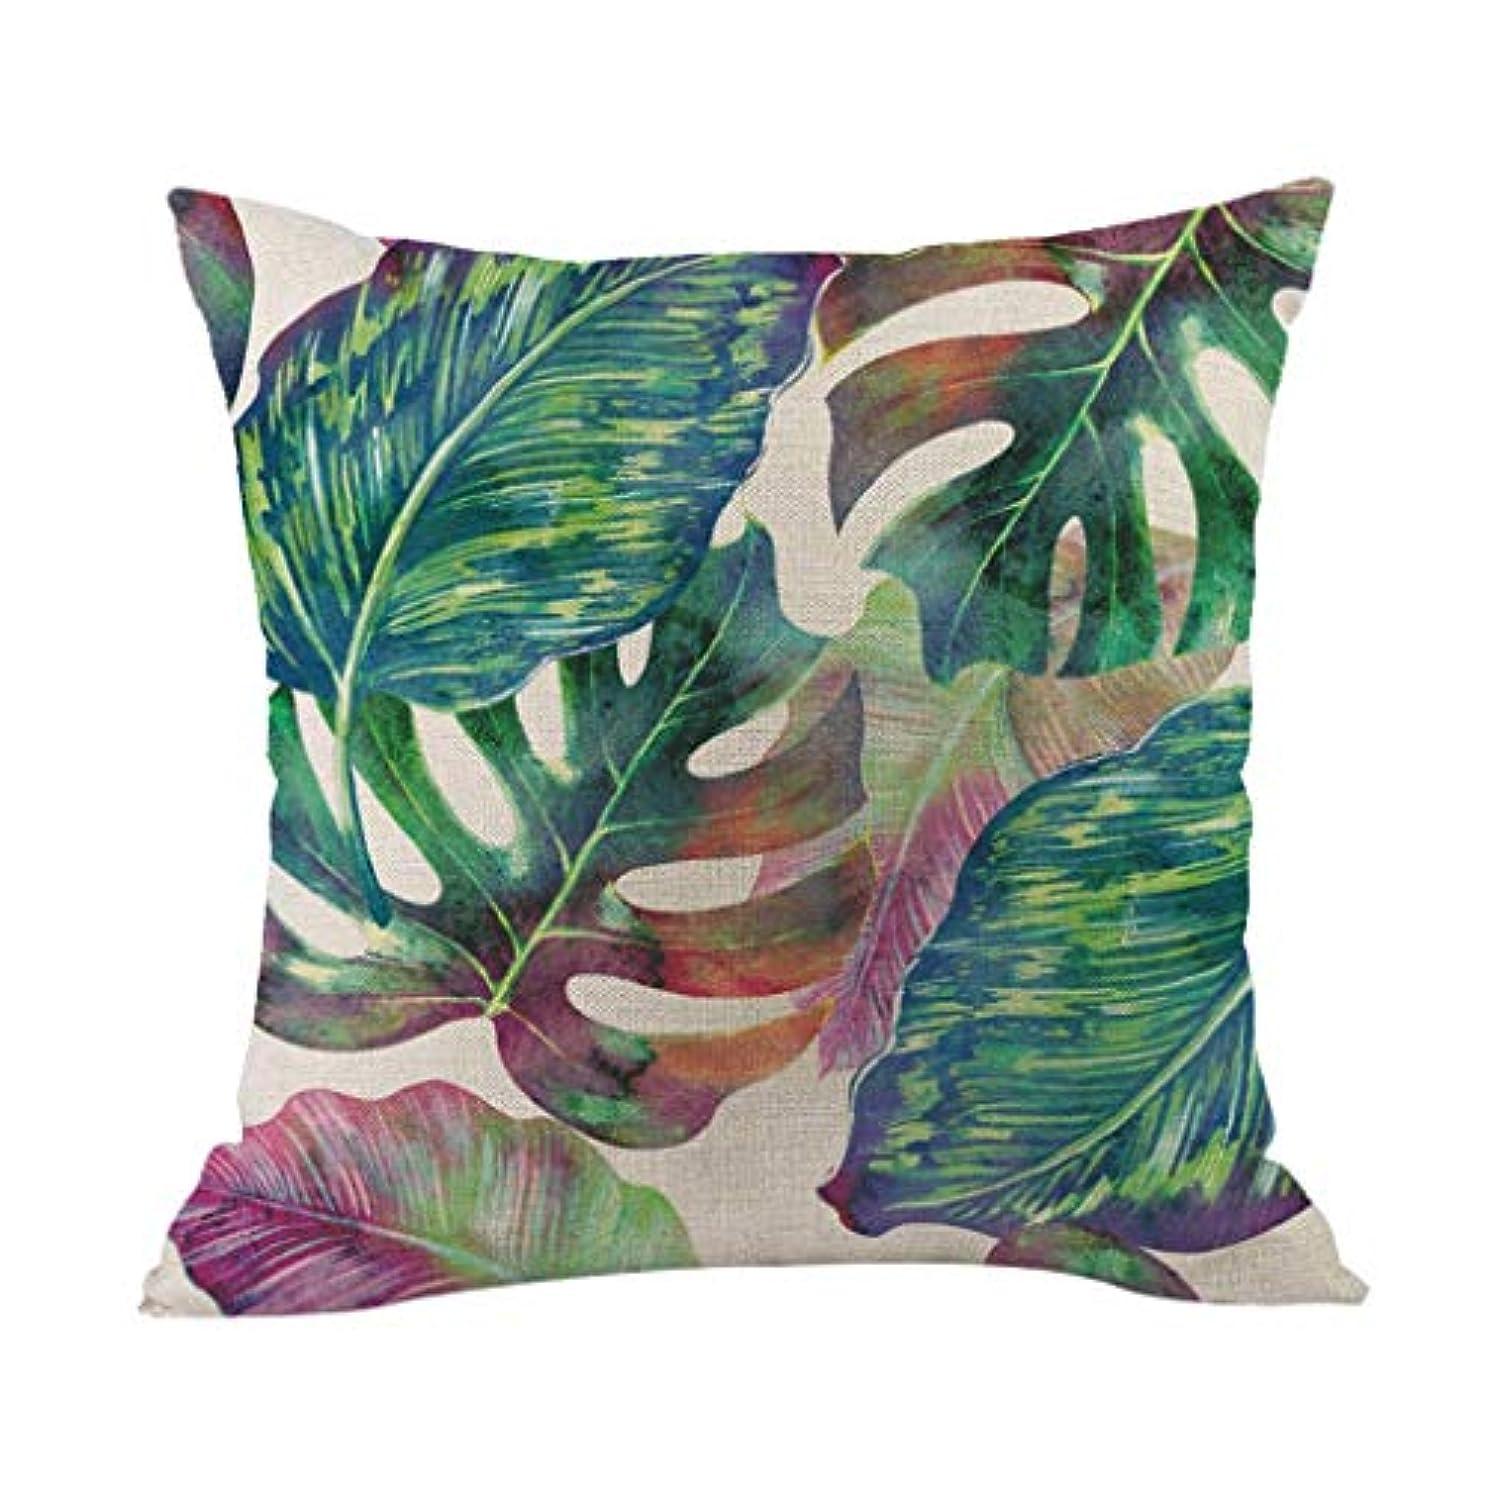 刺しますフィット比較LIFE 高品質クッション熱帯植物ポリエステル枕ソファ投げるパッドセットホーム人格クッション coussin decoratif クッション 椅子